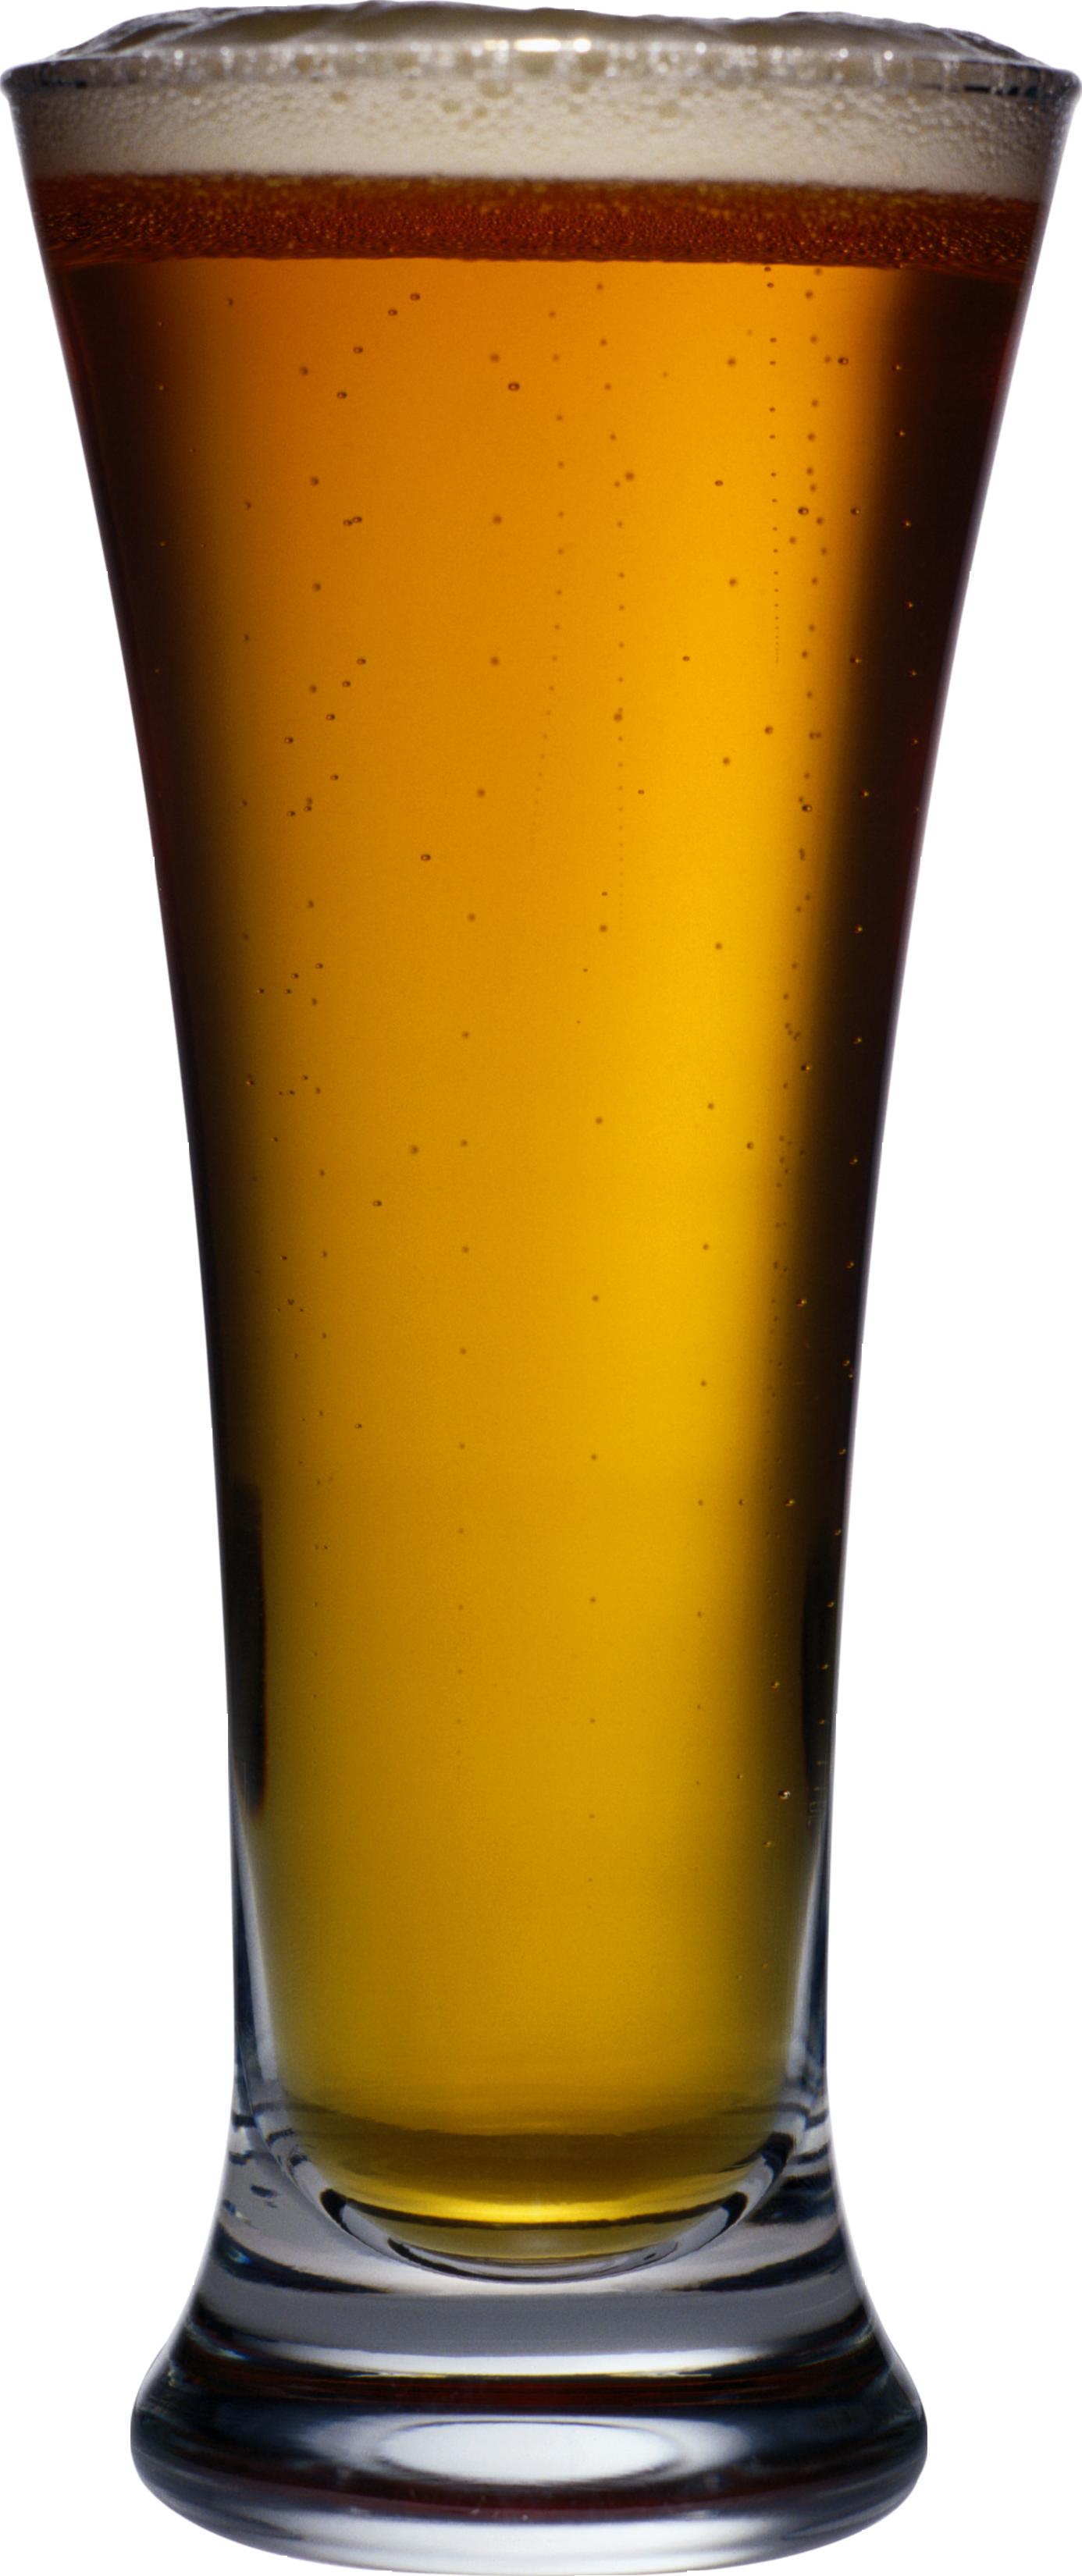 Beer in Mug PNG Image